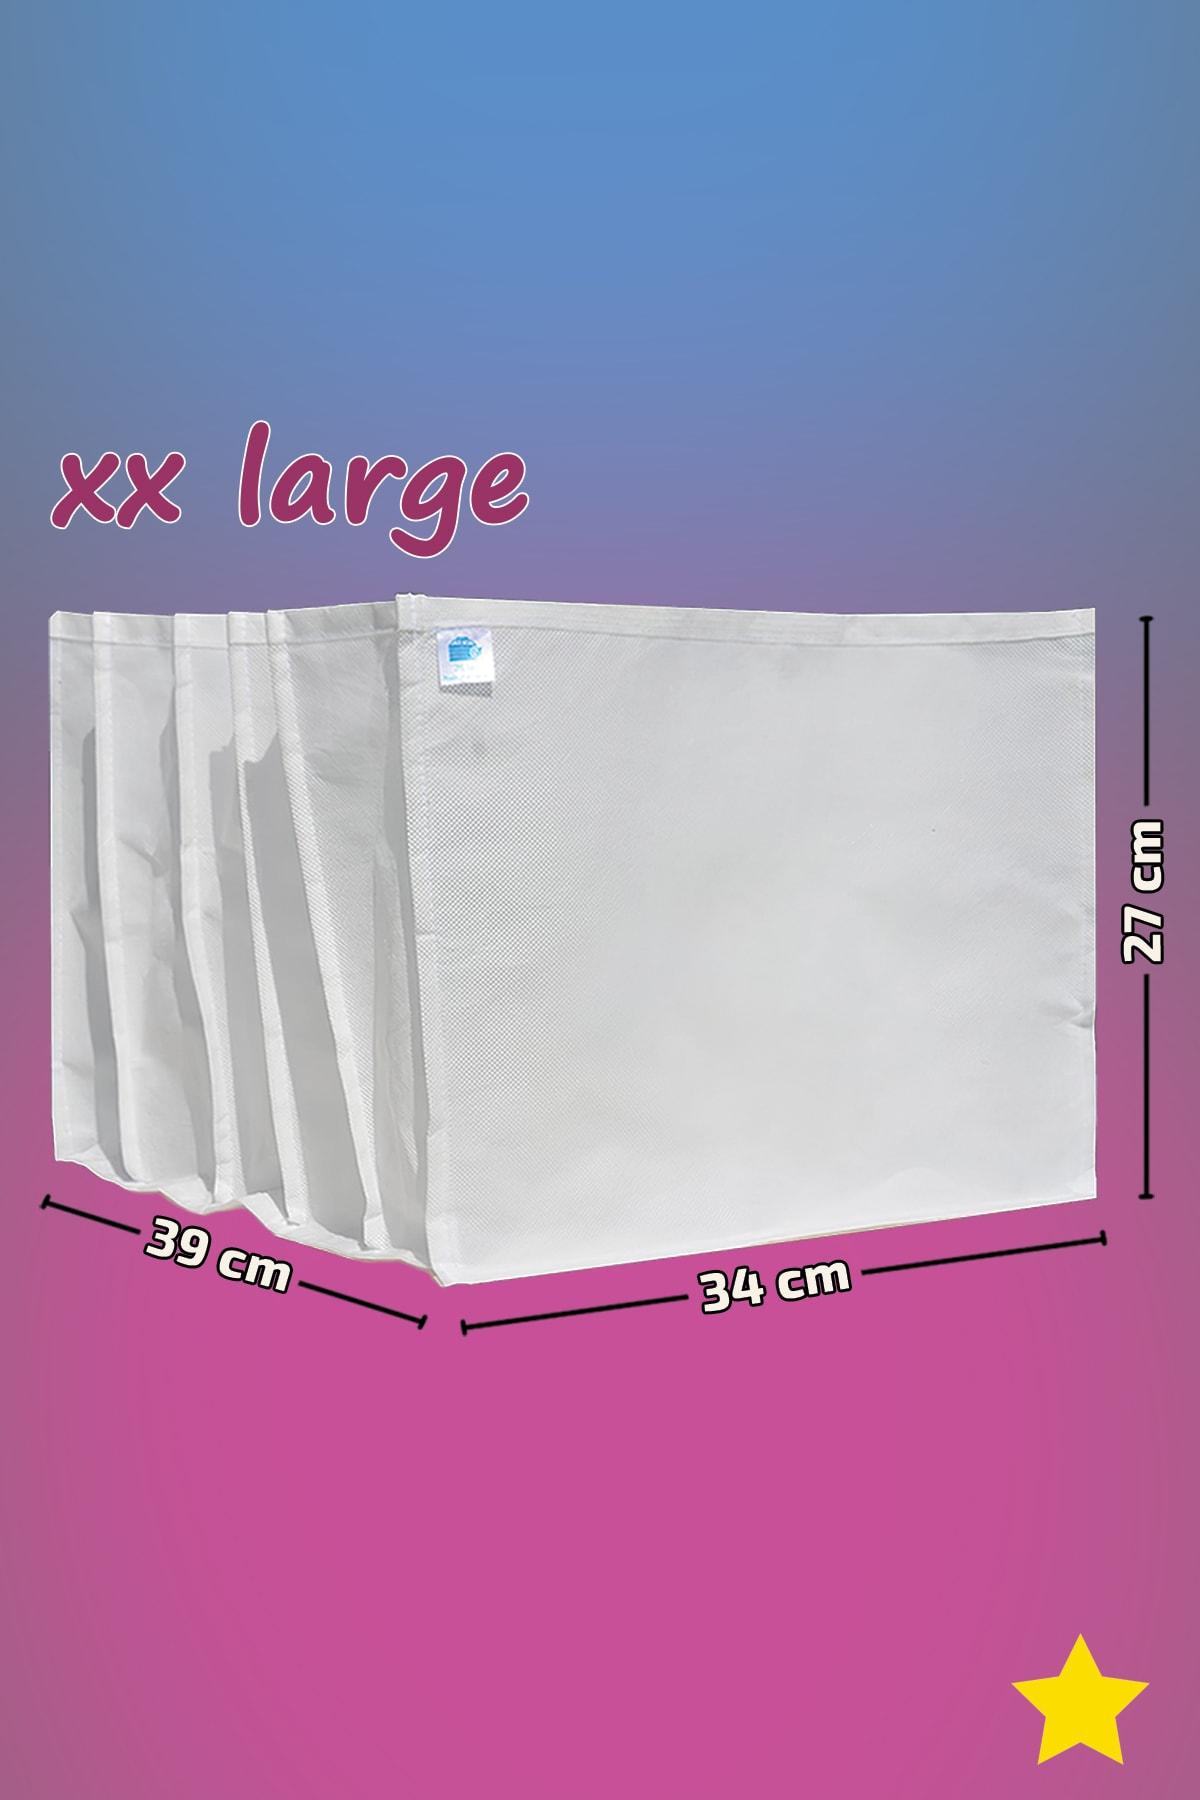 MİA Home Production Beyaz - Xx Large Boy / 5 Gözlü Çekmece Dolap Içi Düzenleyici - Organizer 1